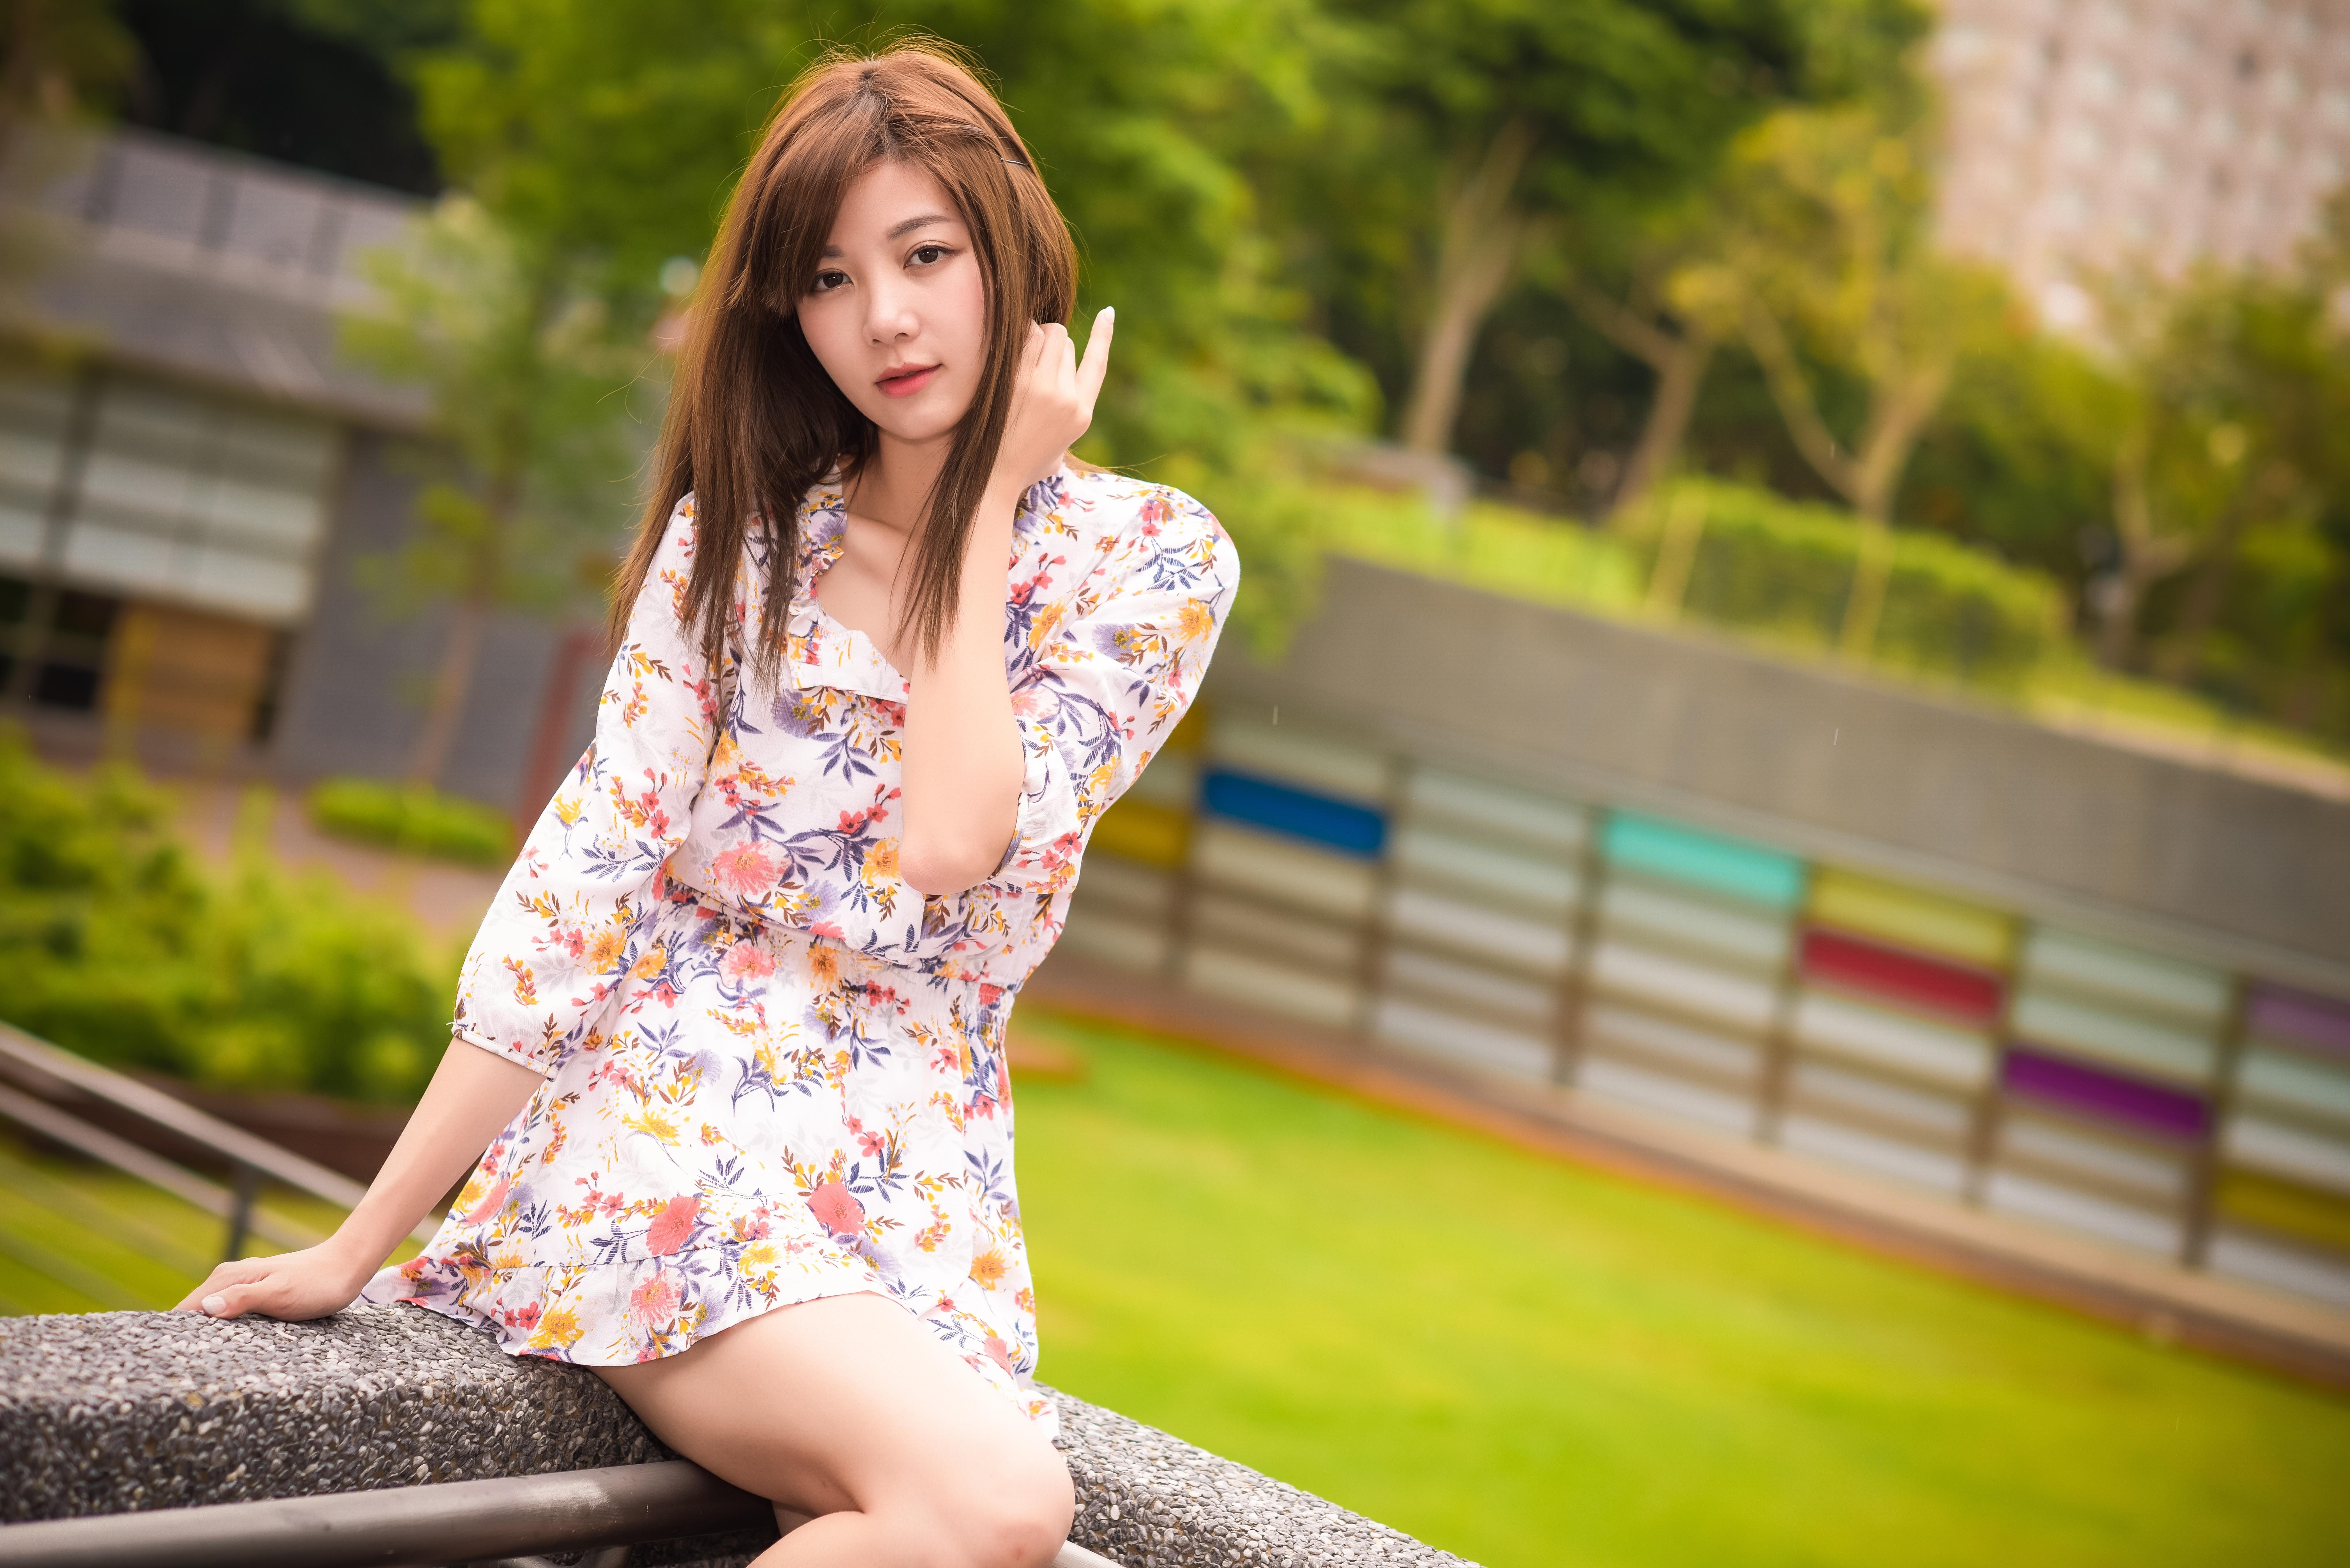 Азиатки в платьях фото, жена мужу приятель порно